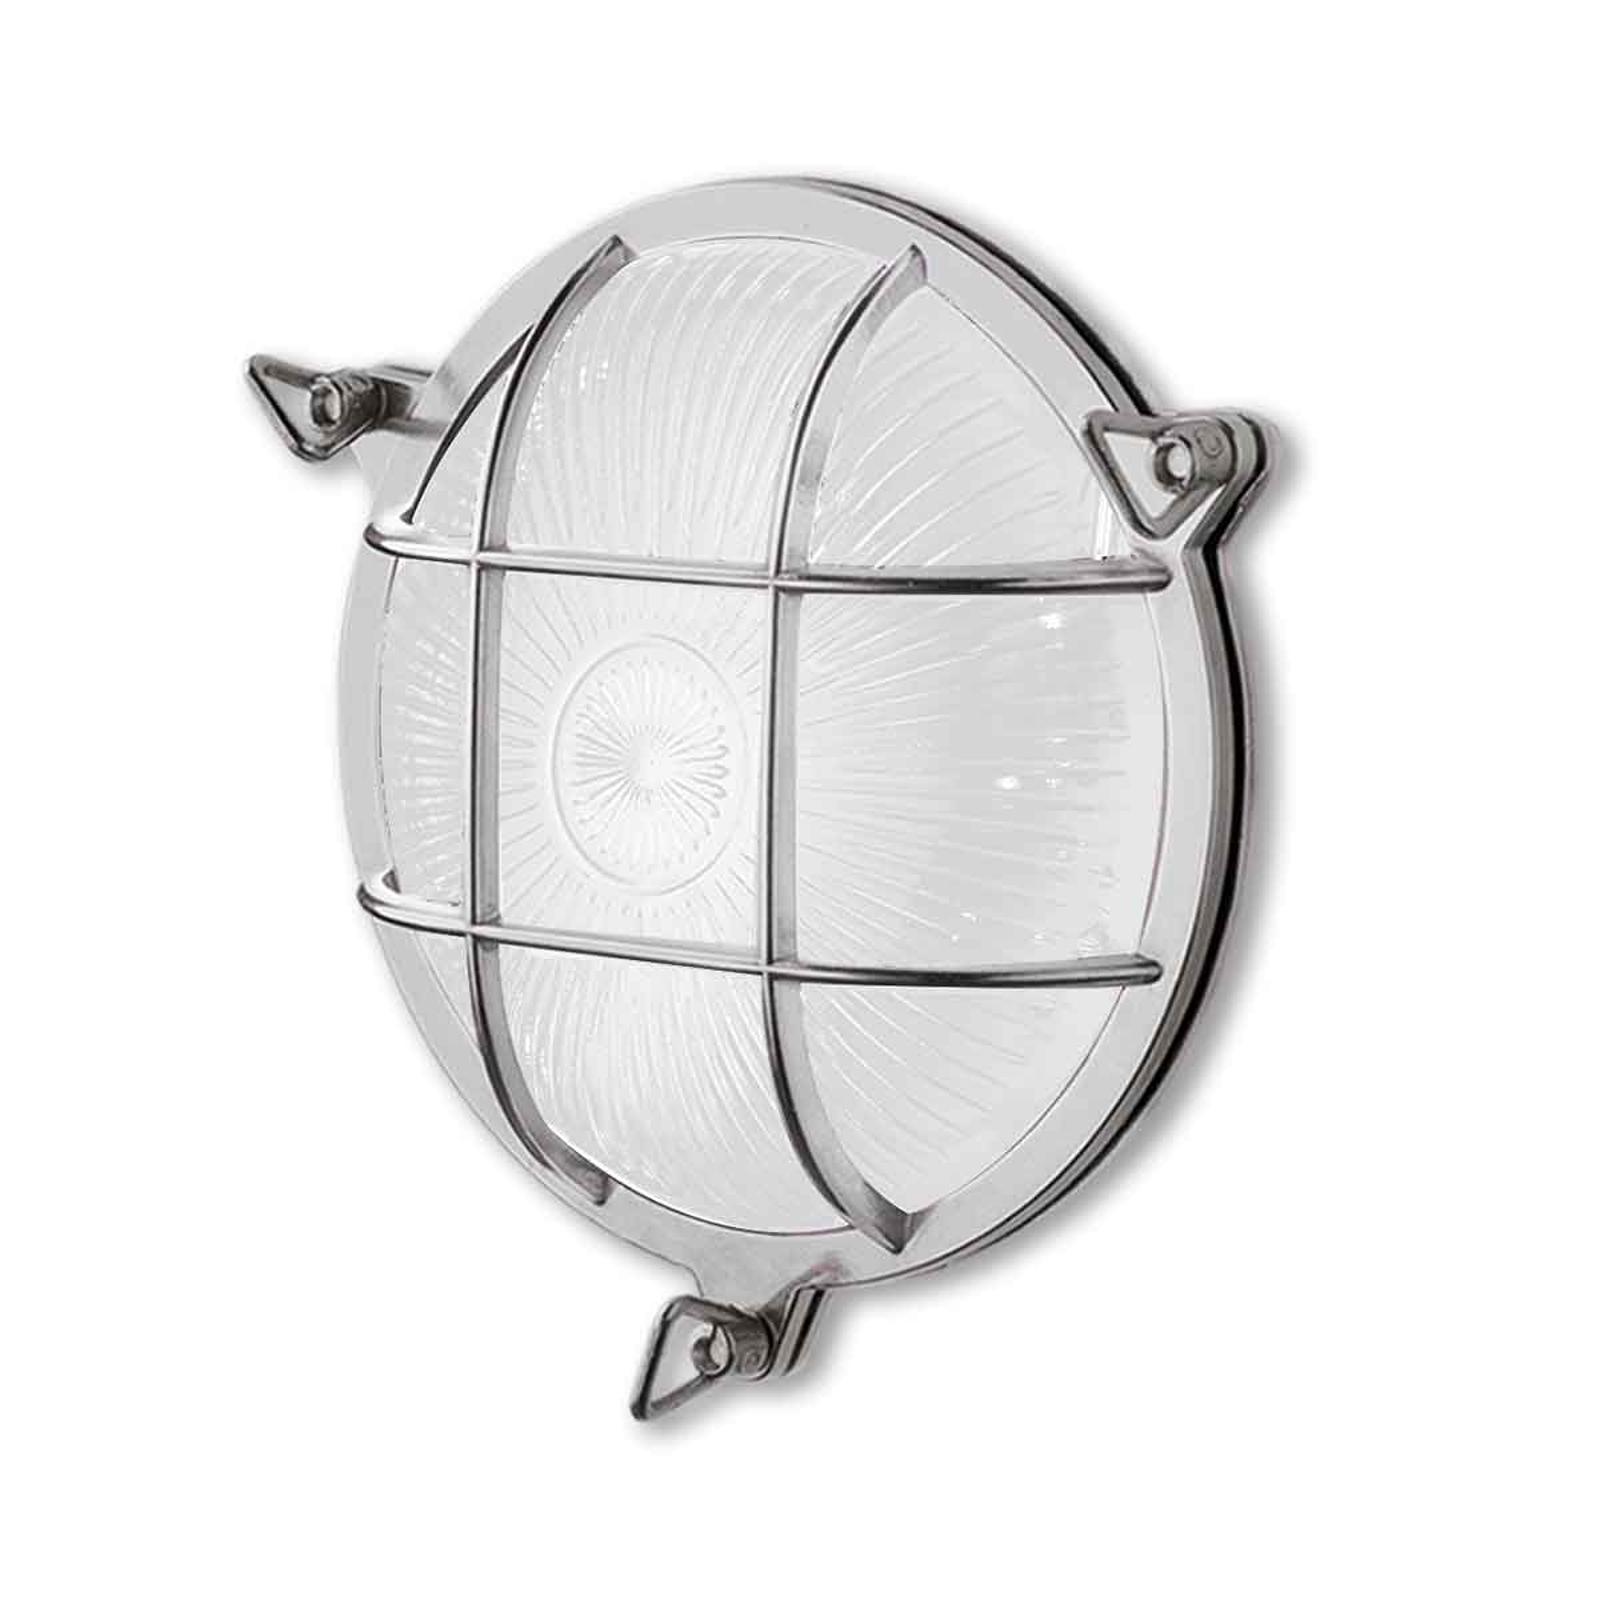 Seinälamppu Tortuga 200.20, pyöreä, nikkeli/opaali